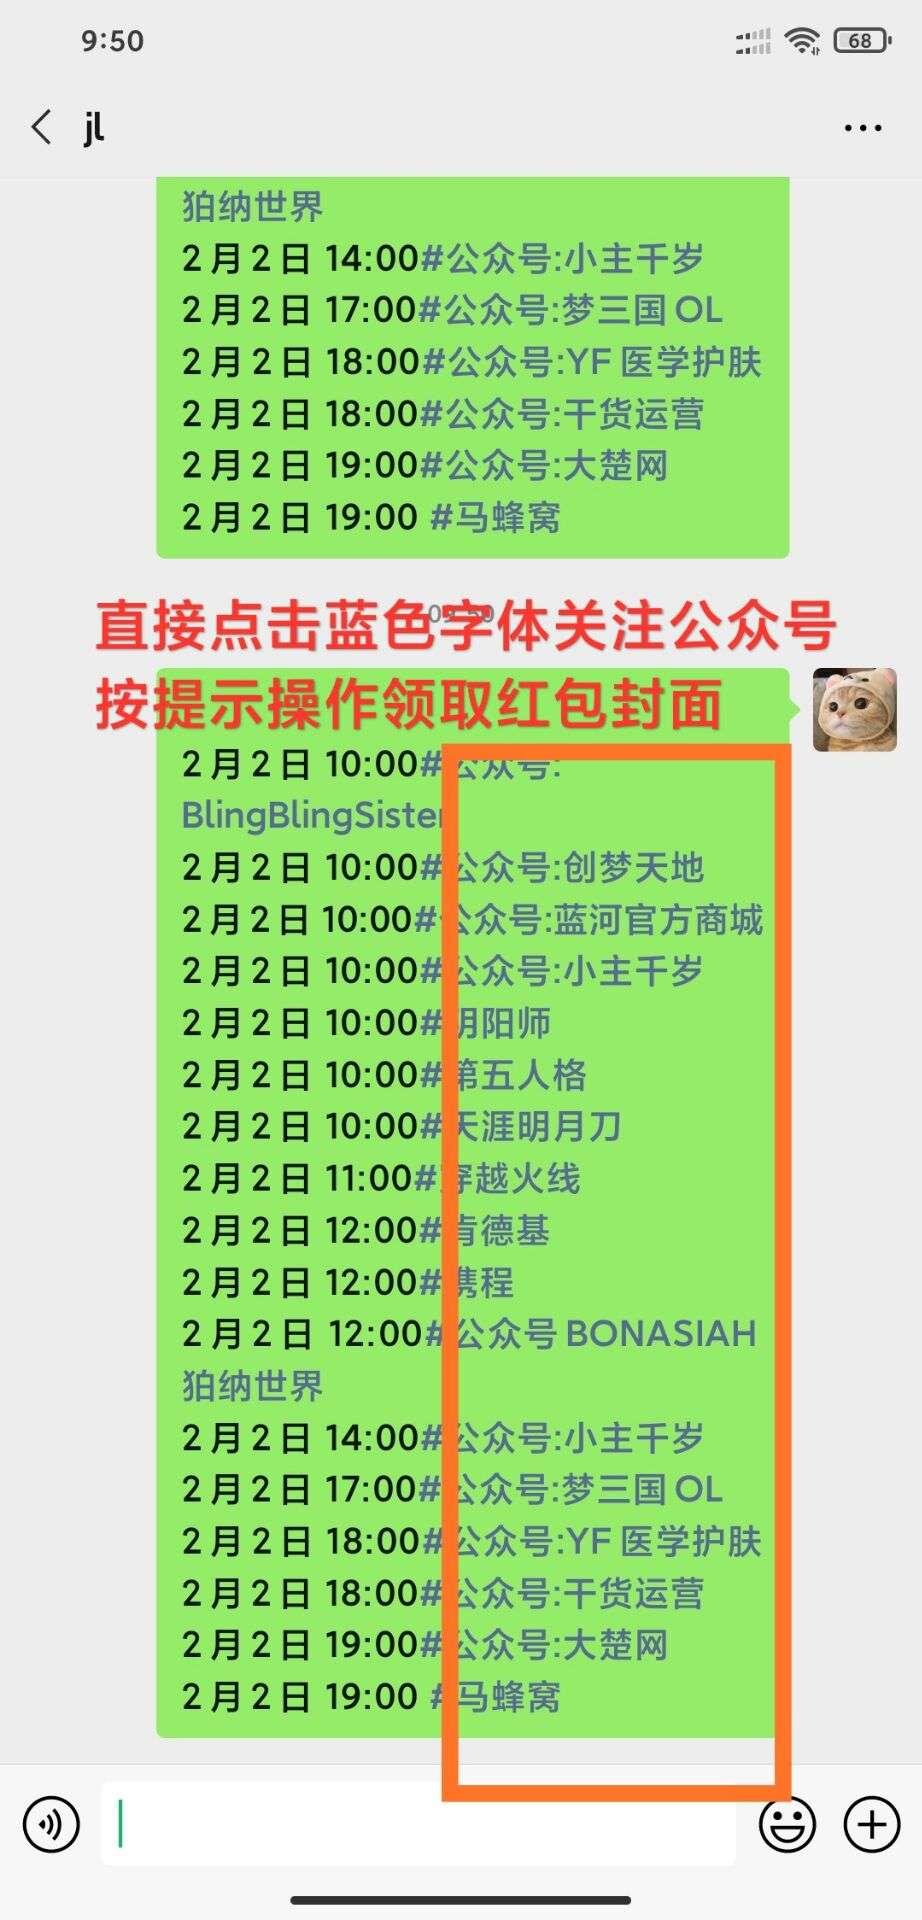 微信红包封面免费领取手慢无-最新为2月9日红包封面(不定期更新)